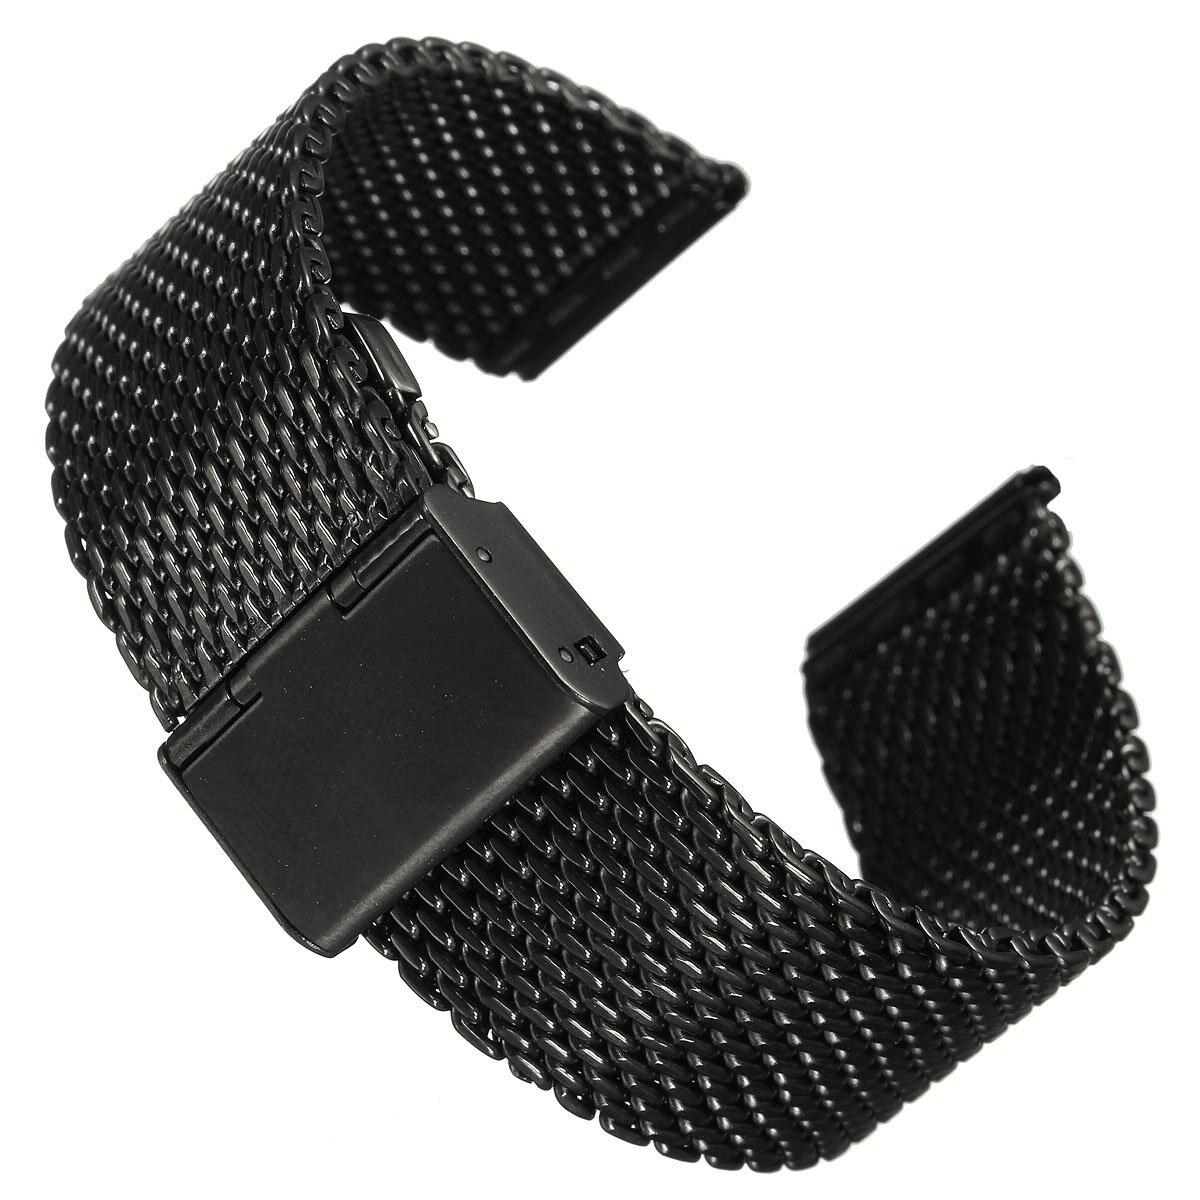 Практичный 22 мм унисекс нержавеющая сталь кольчуге ремешок группы новый год подарок черный